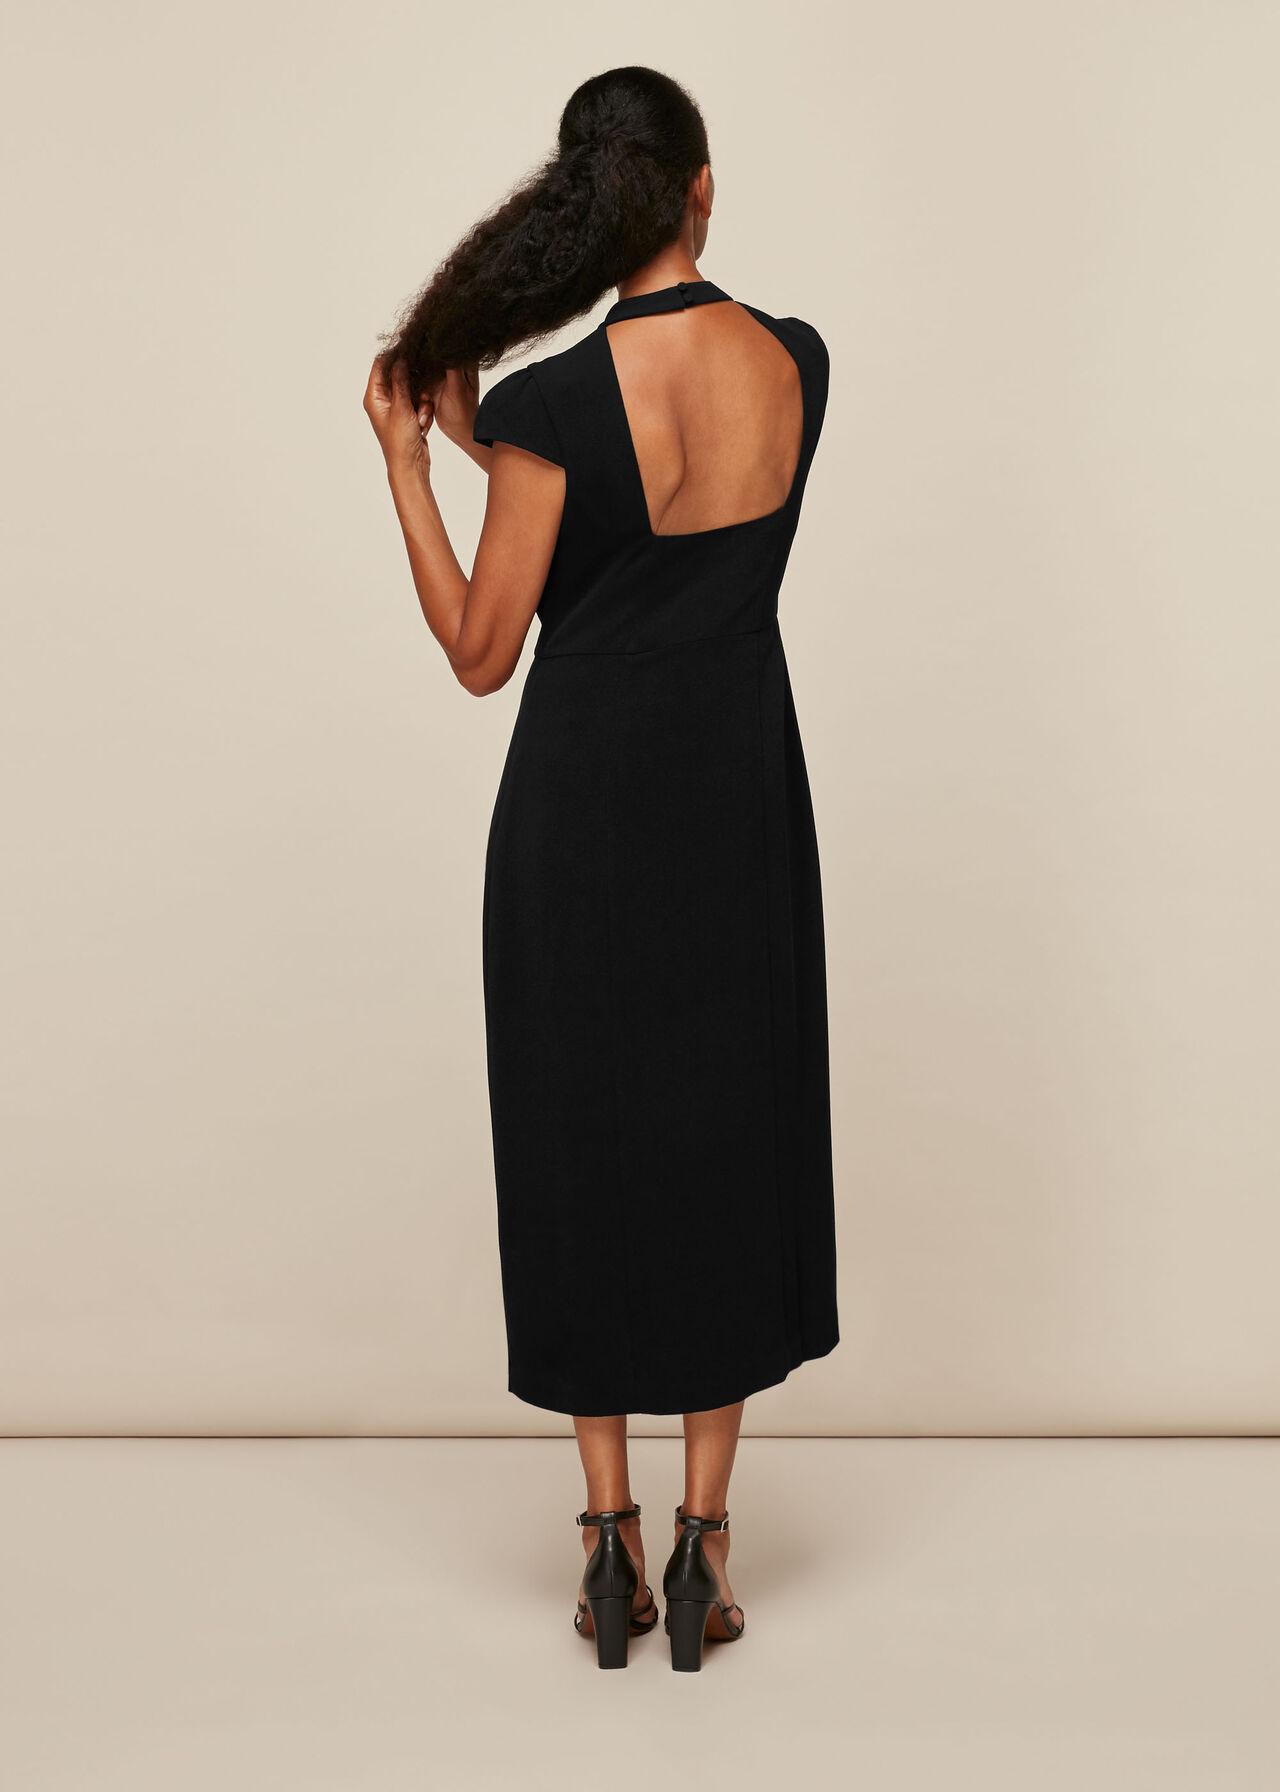 High Neck Textured Dress